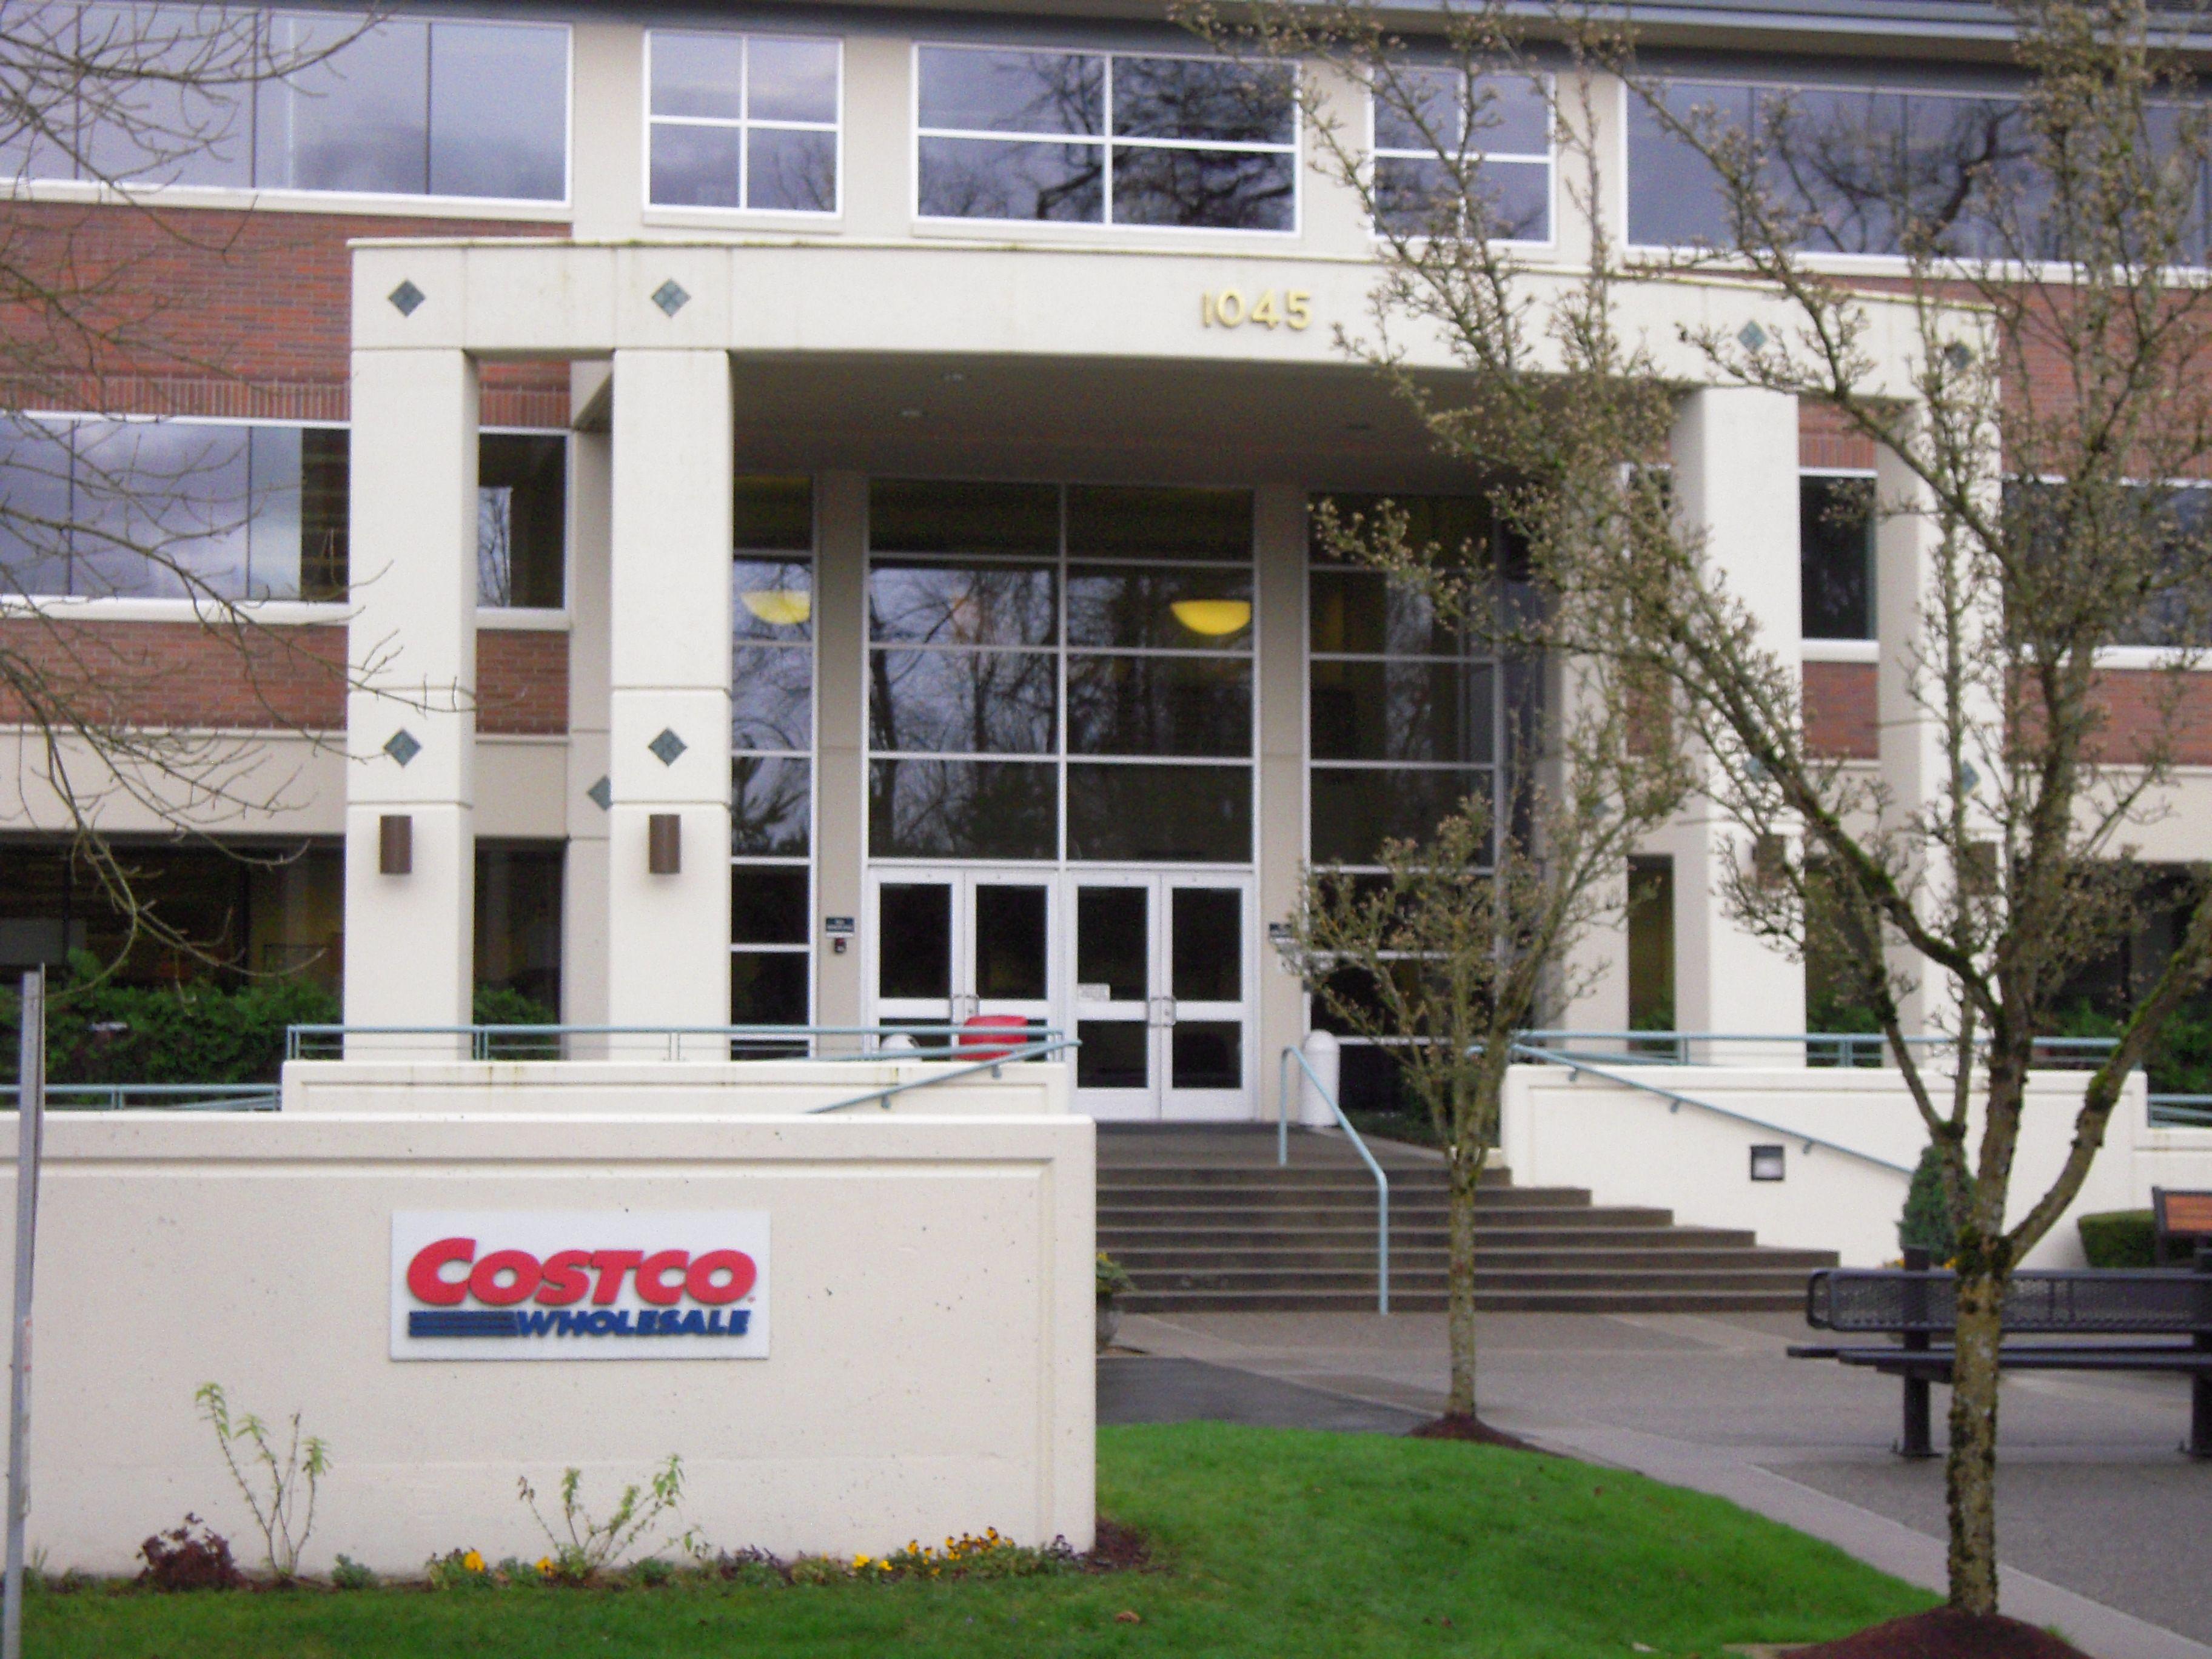 Costco Headquarters Issaquah Suburb Village Pinterest Costco